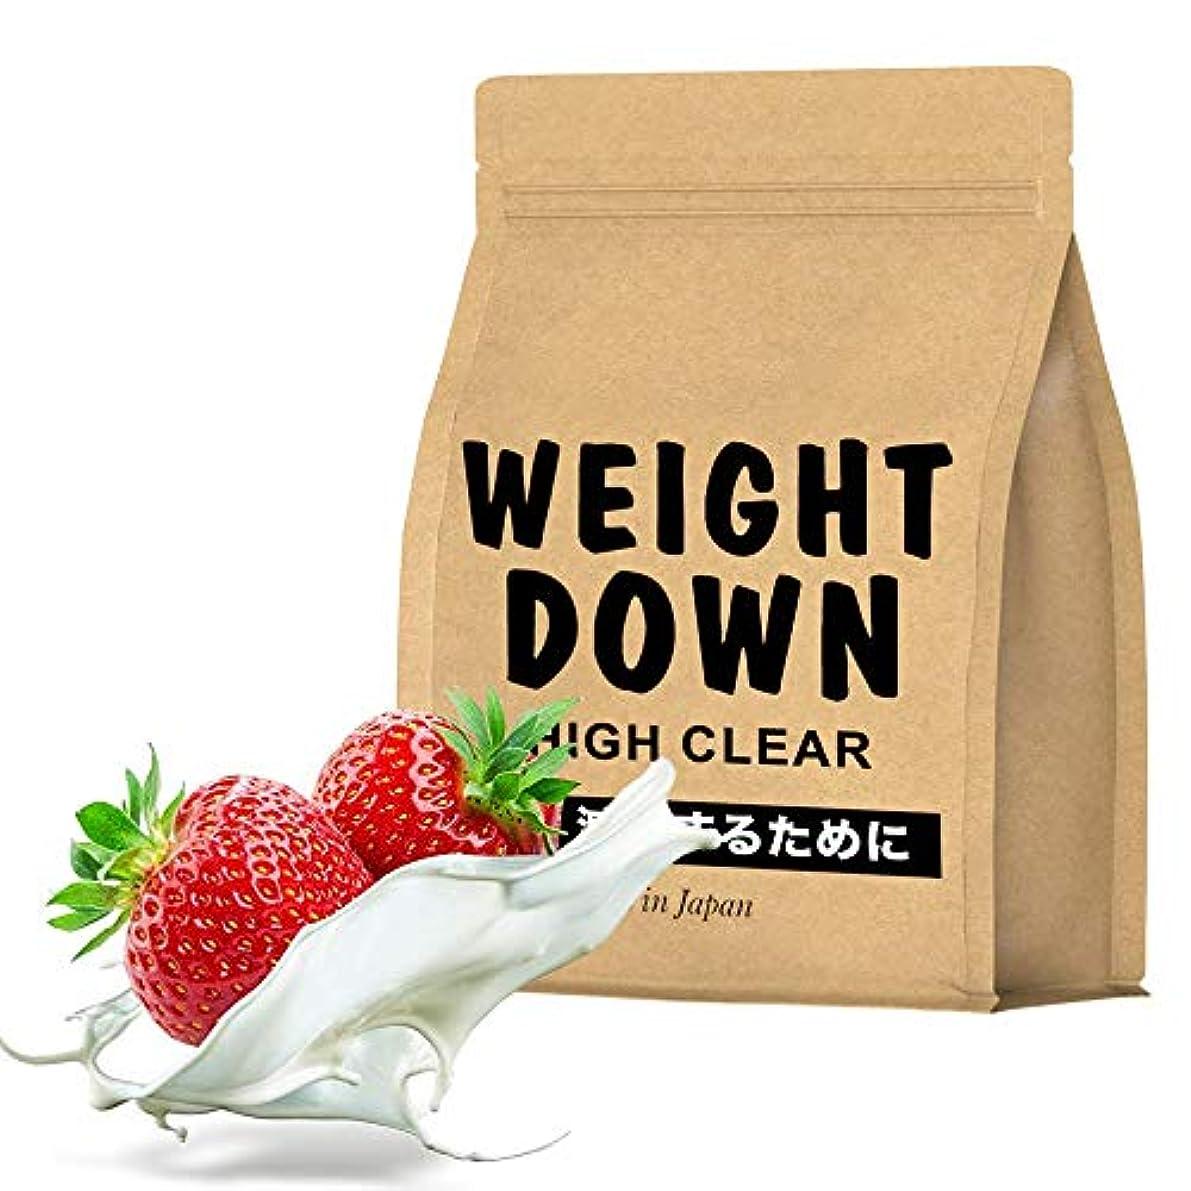 勃起ひねり海岸ウェイトダウンマッハ1㎏【AMAZON限定】 11種類ビタミン ストロベリーミルク味 40食分 HIGH CLEAR(ハイクリアー)